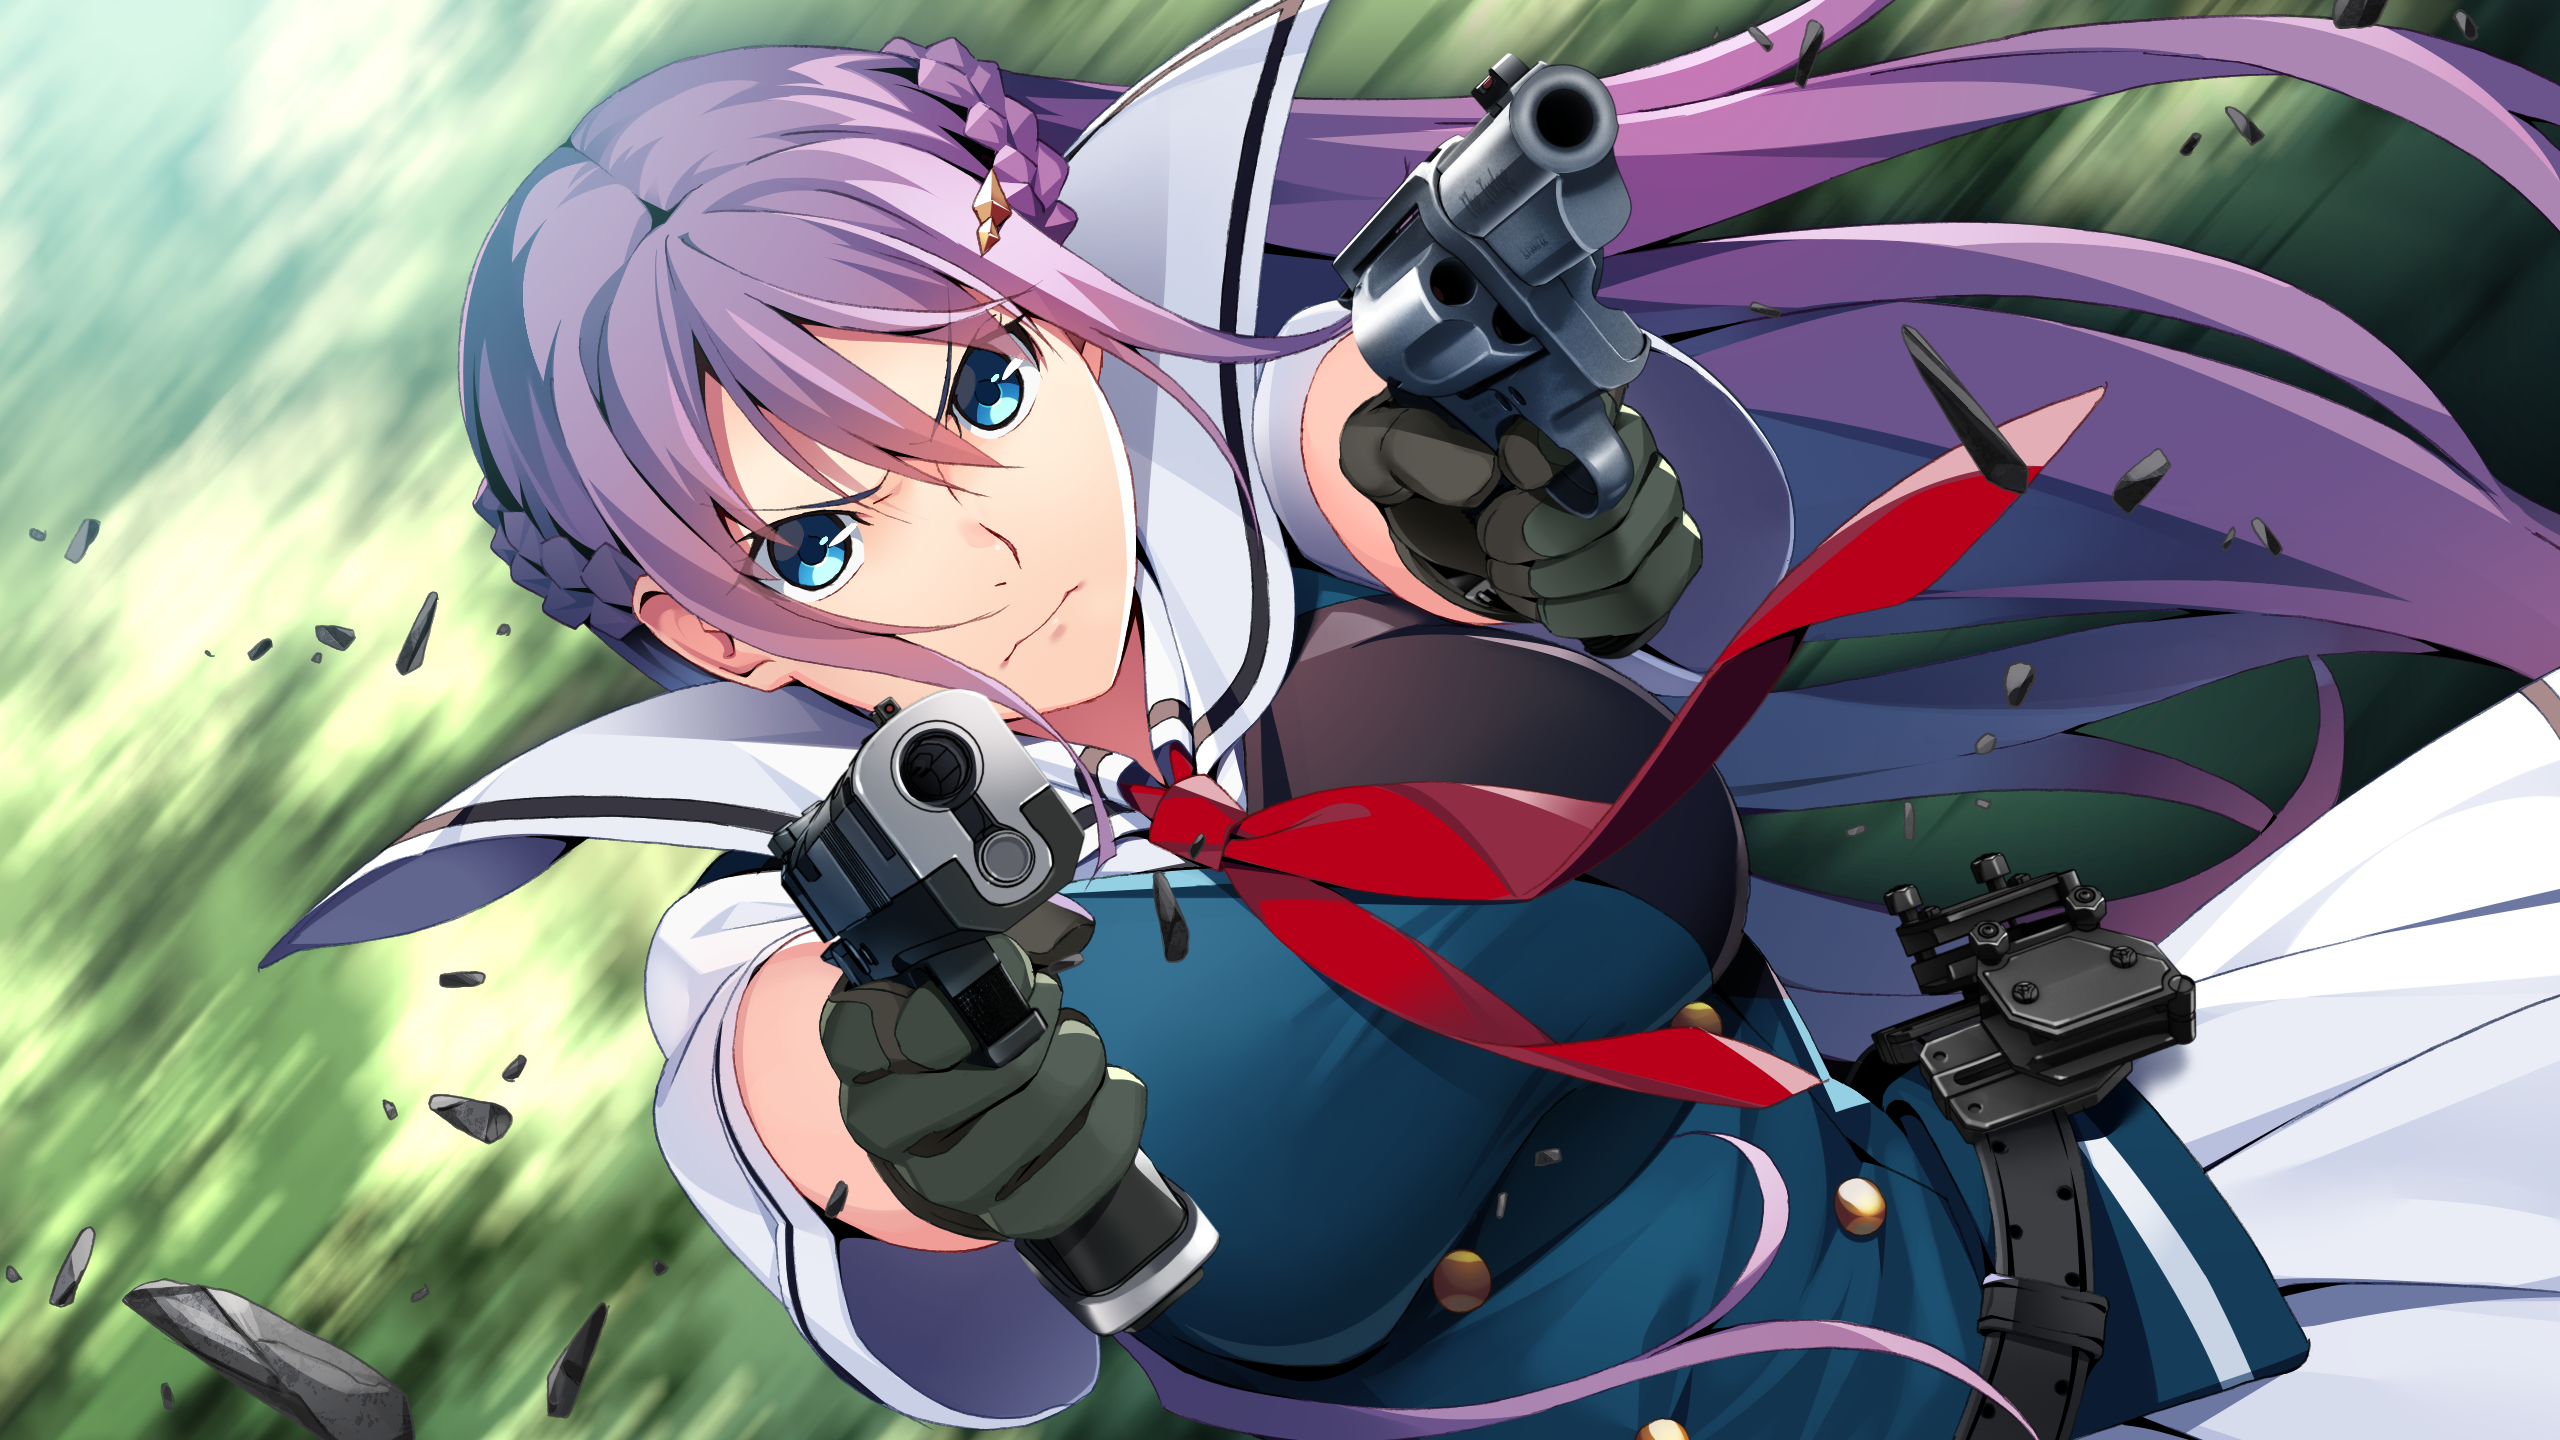 Anime Grisaia Phantom Trigger Wallpaper Resolution 2560x1440 Id Wallha Com